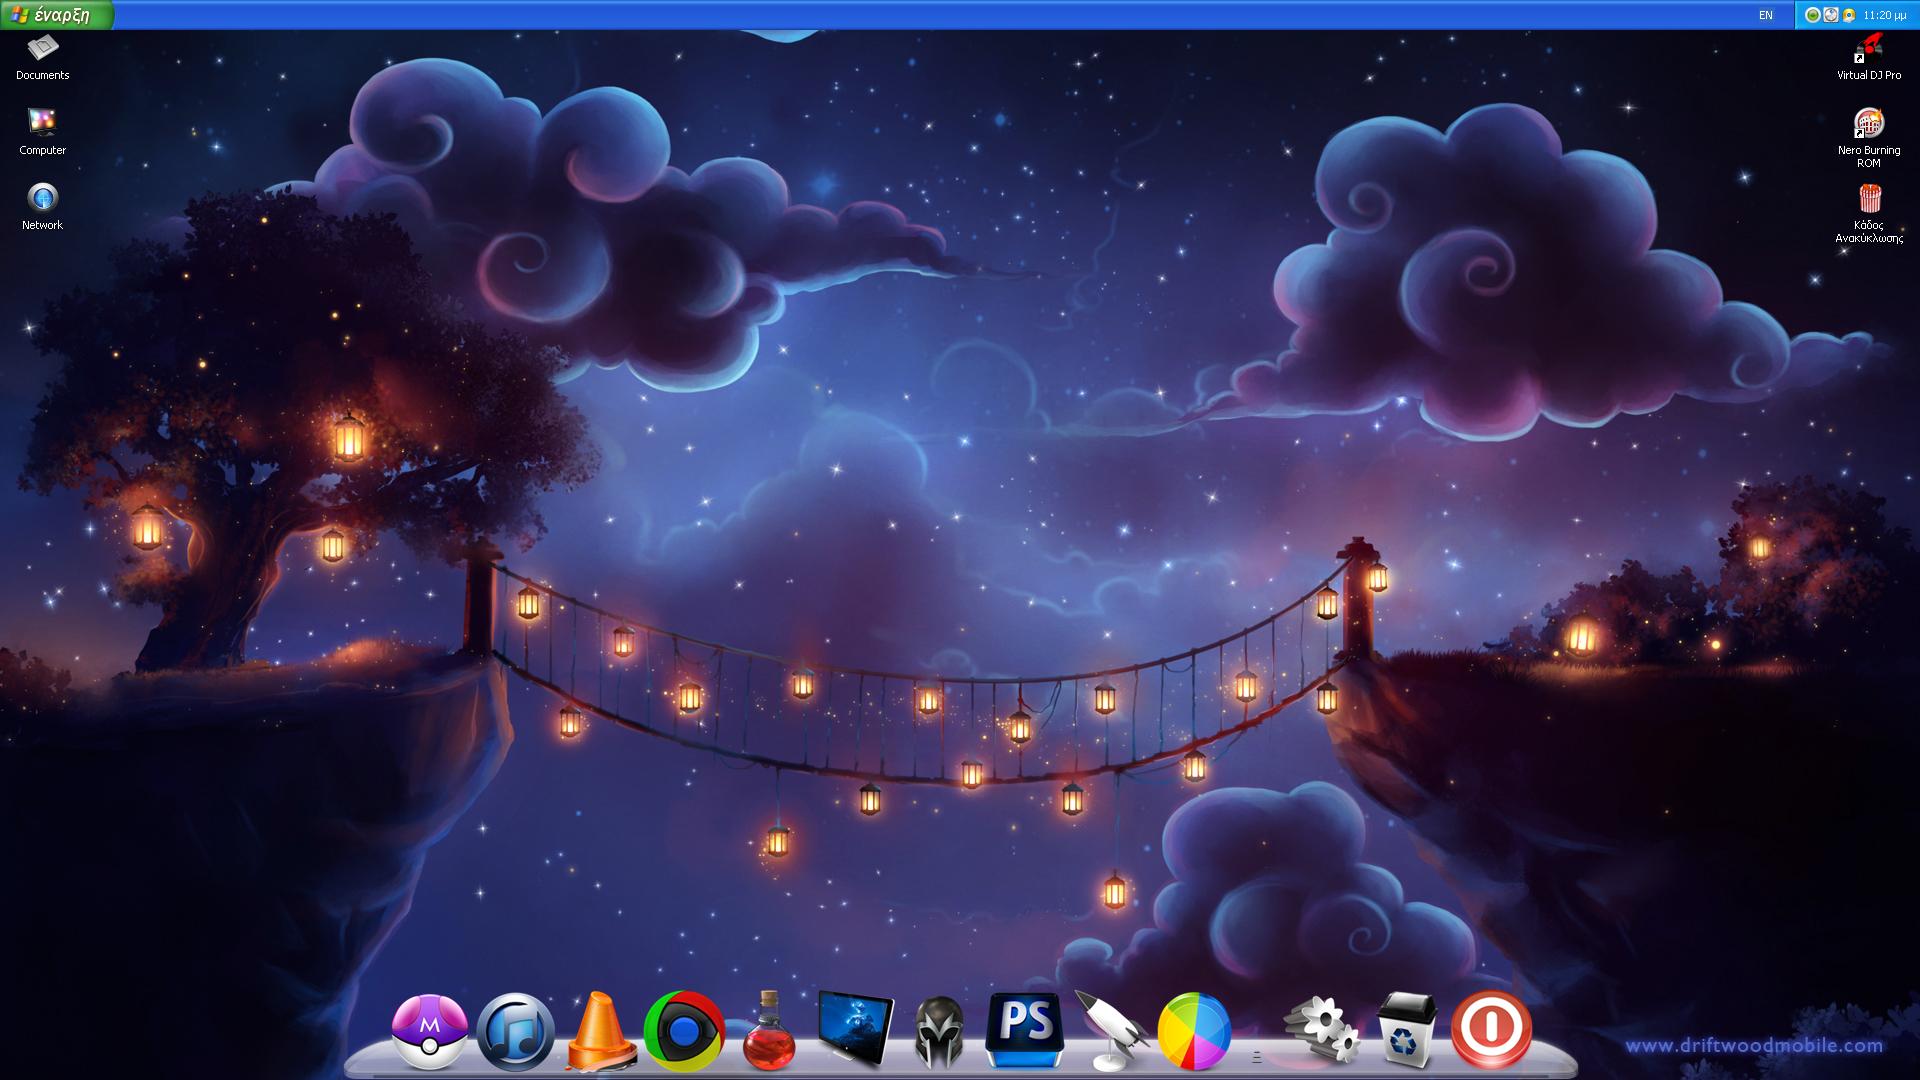 Desktop April 2012 by DjLuigi